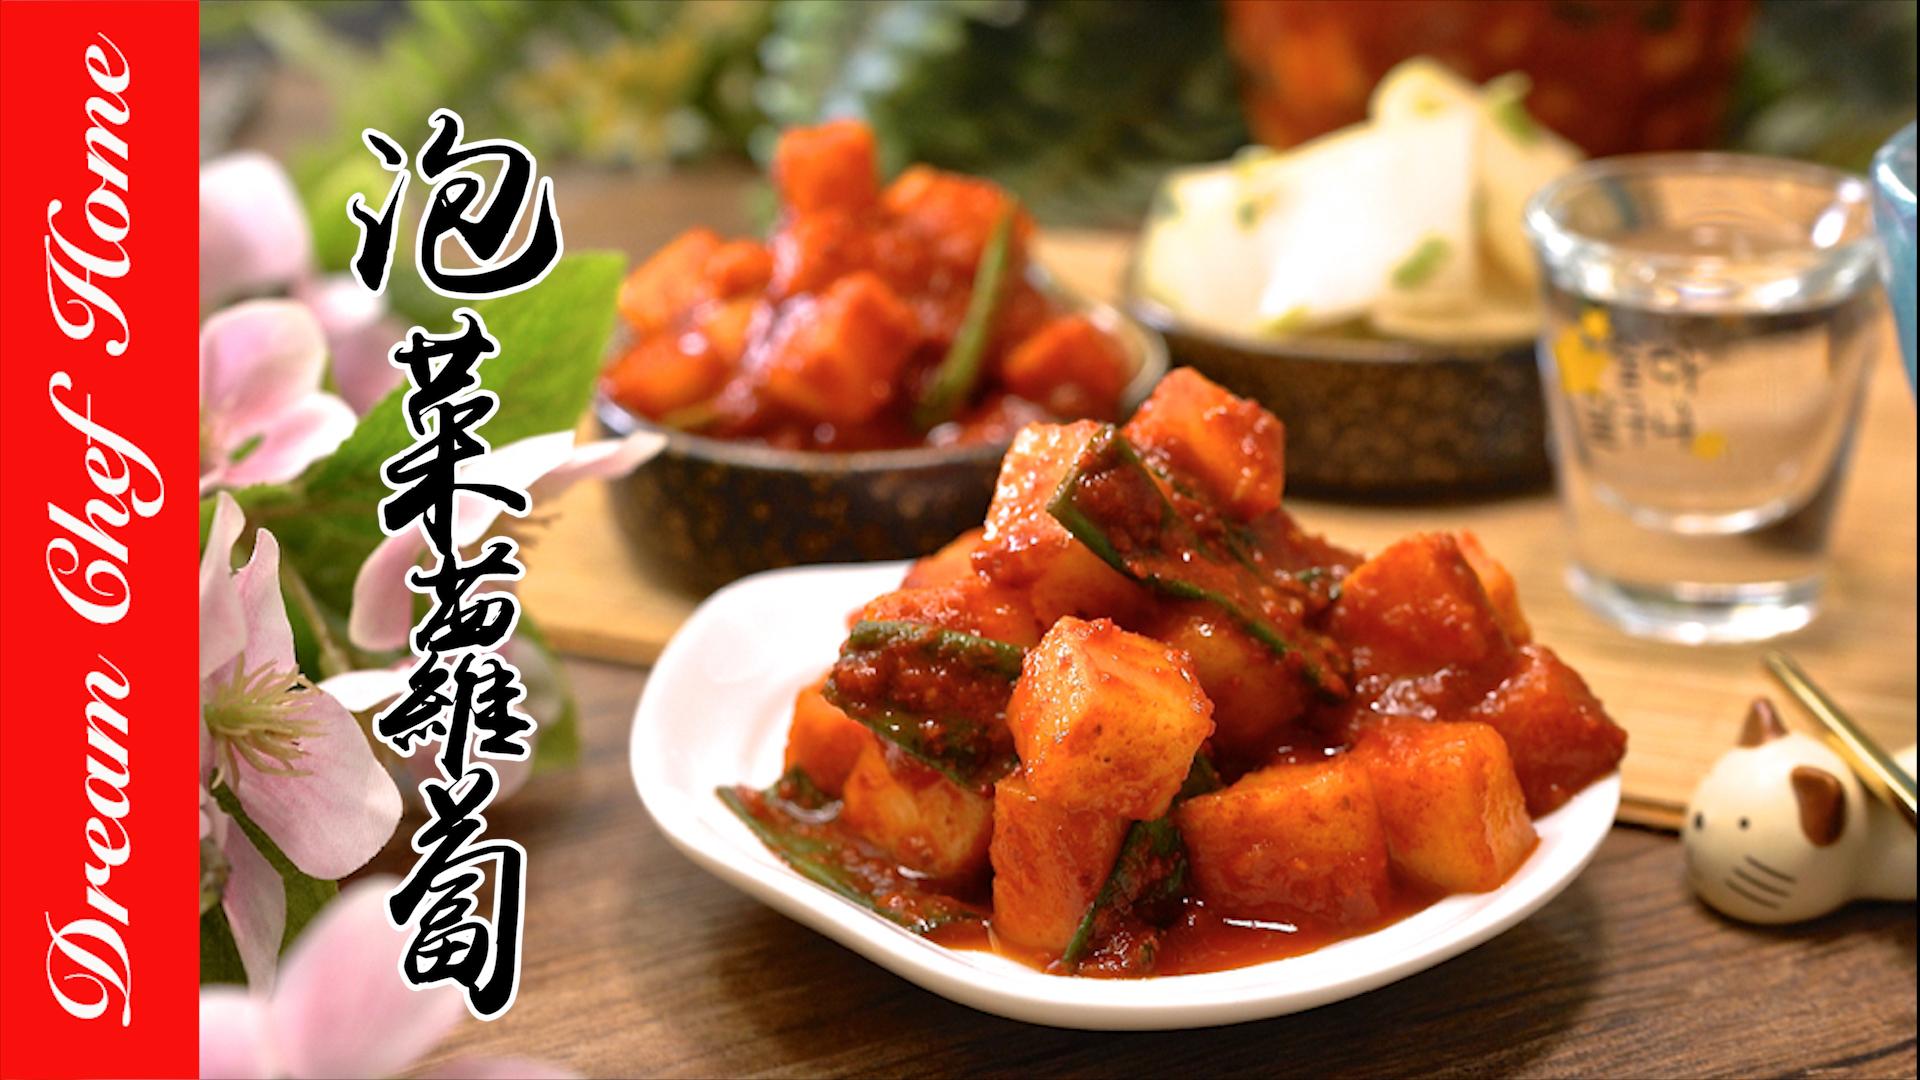 快速做泡菜蘿蔔、辣醃蘿蔔,必學韓式小菜開胃又下飯